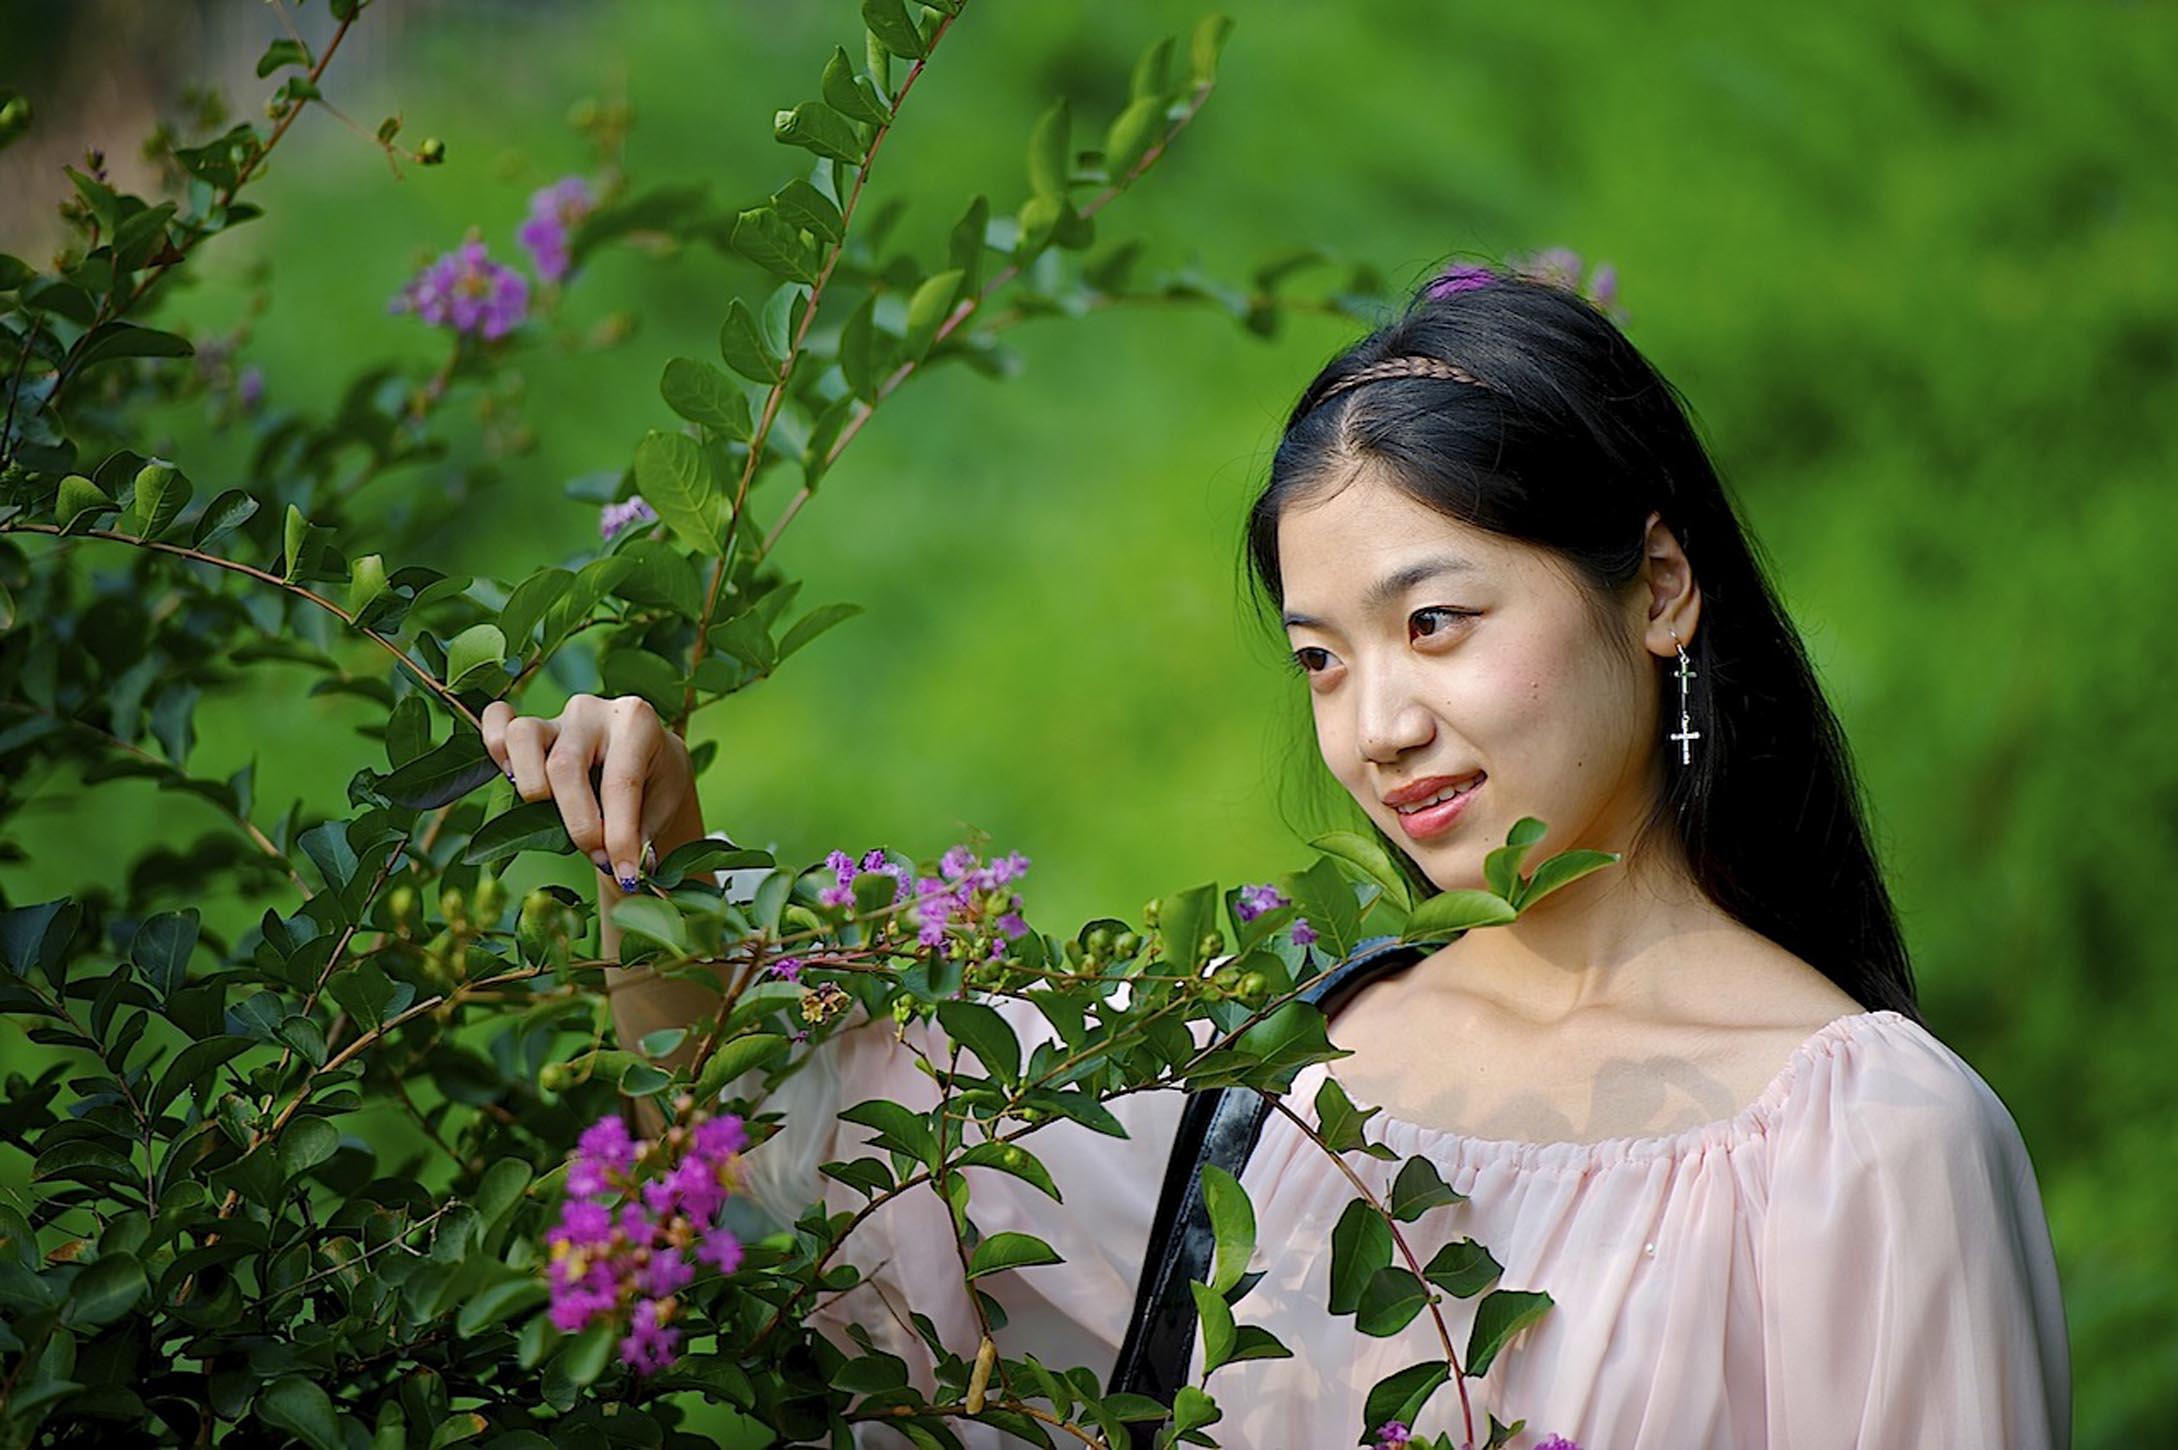 蓉蓉公园外拍 - 春色满园 - 春色满园